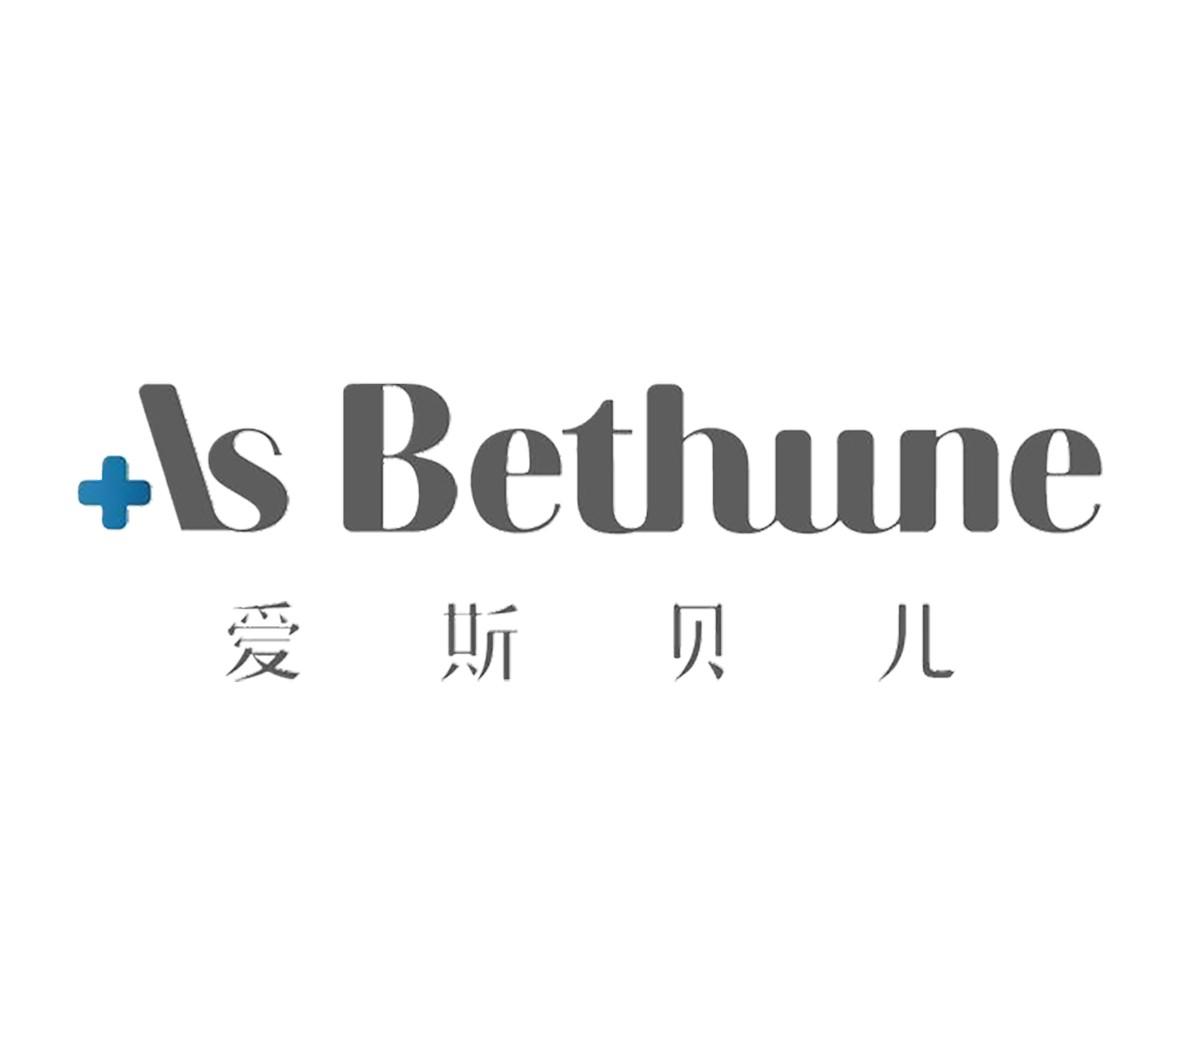 爱斯贝儿(广州)母婴用品有限公司